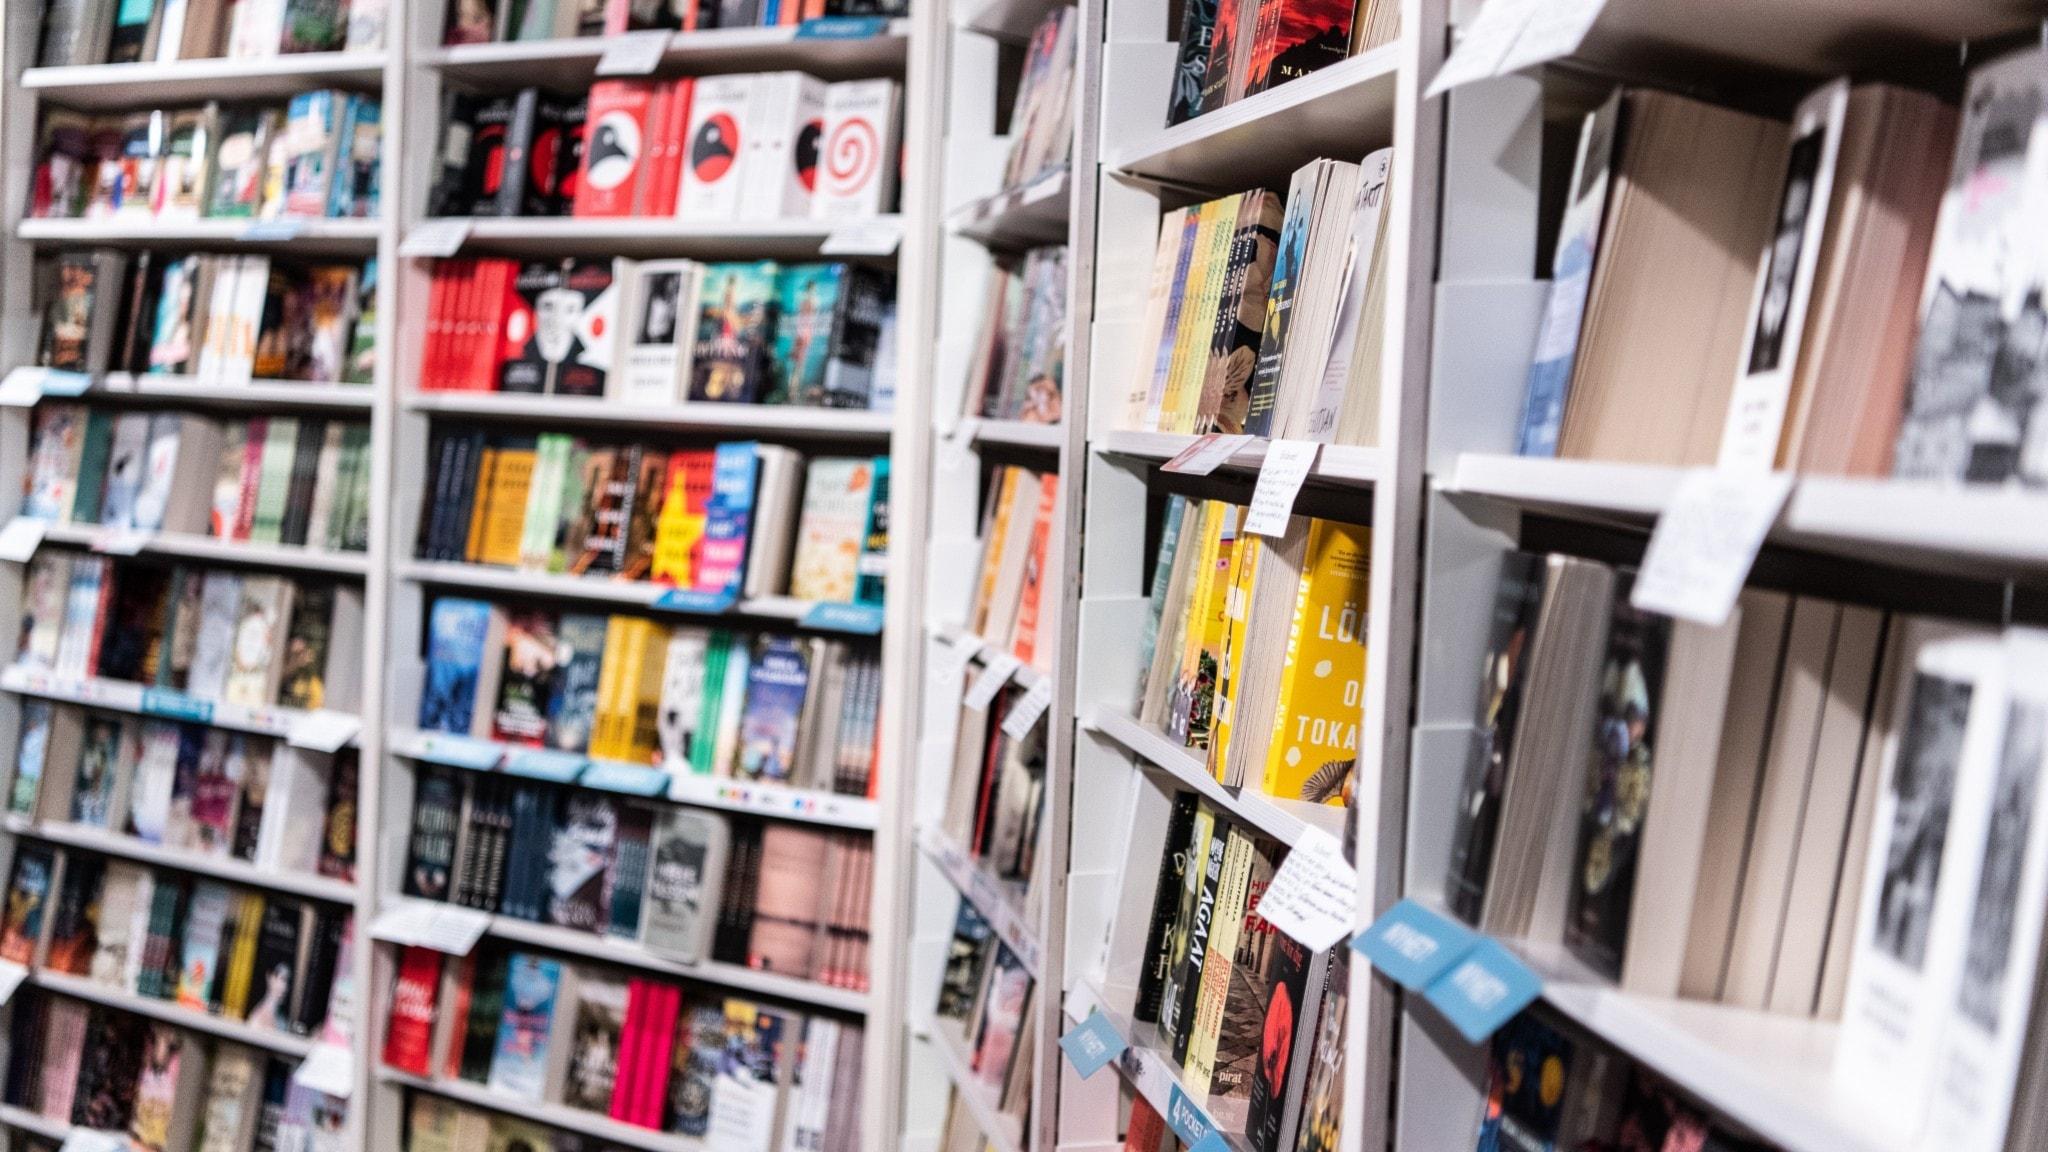 Flera hyllor med böcker.